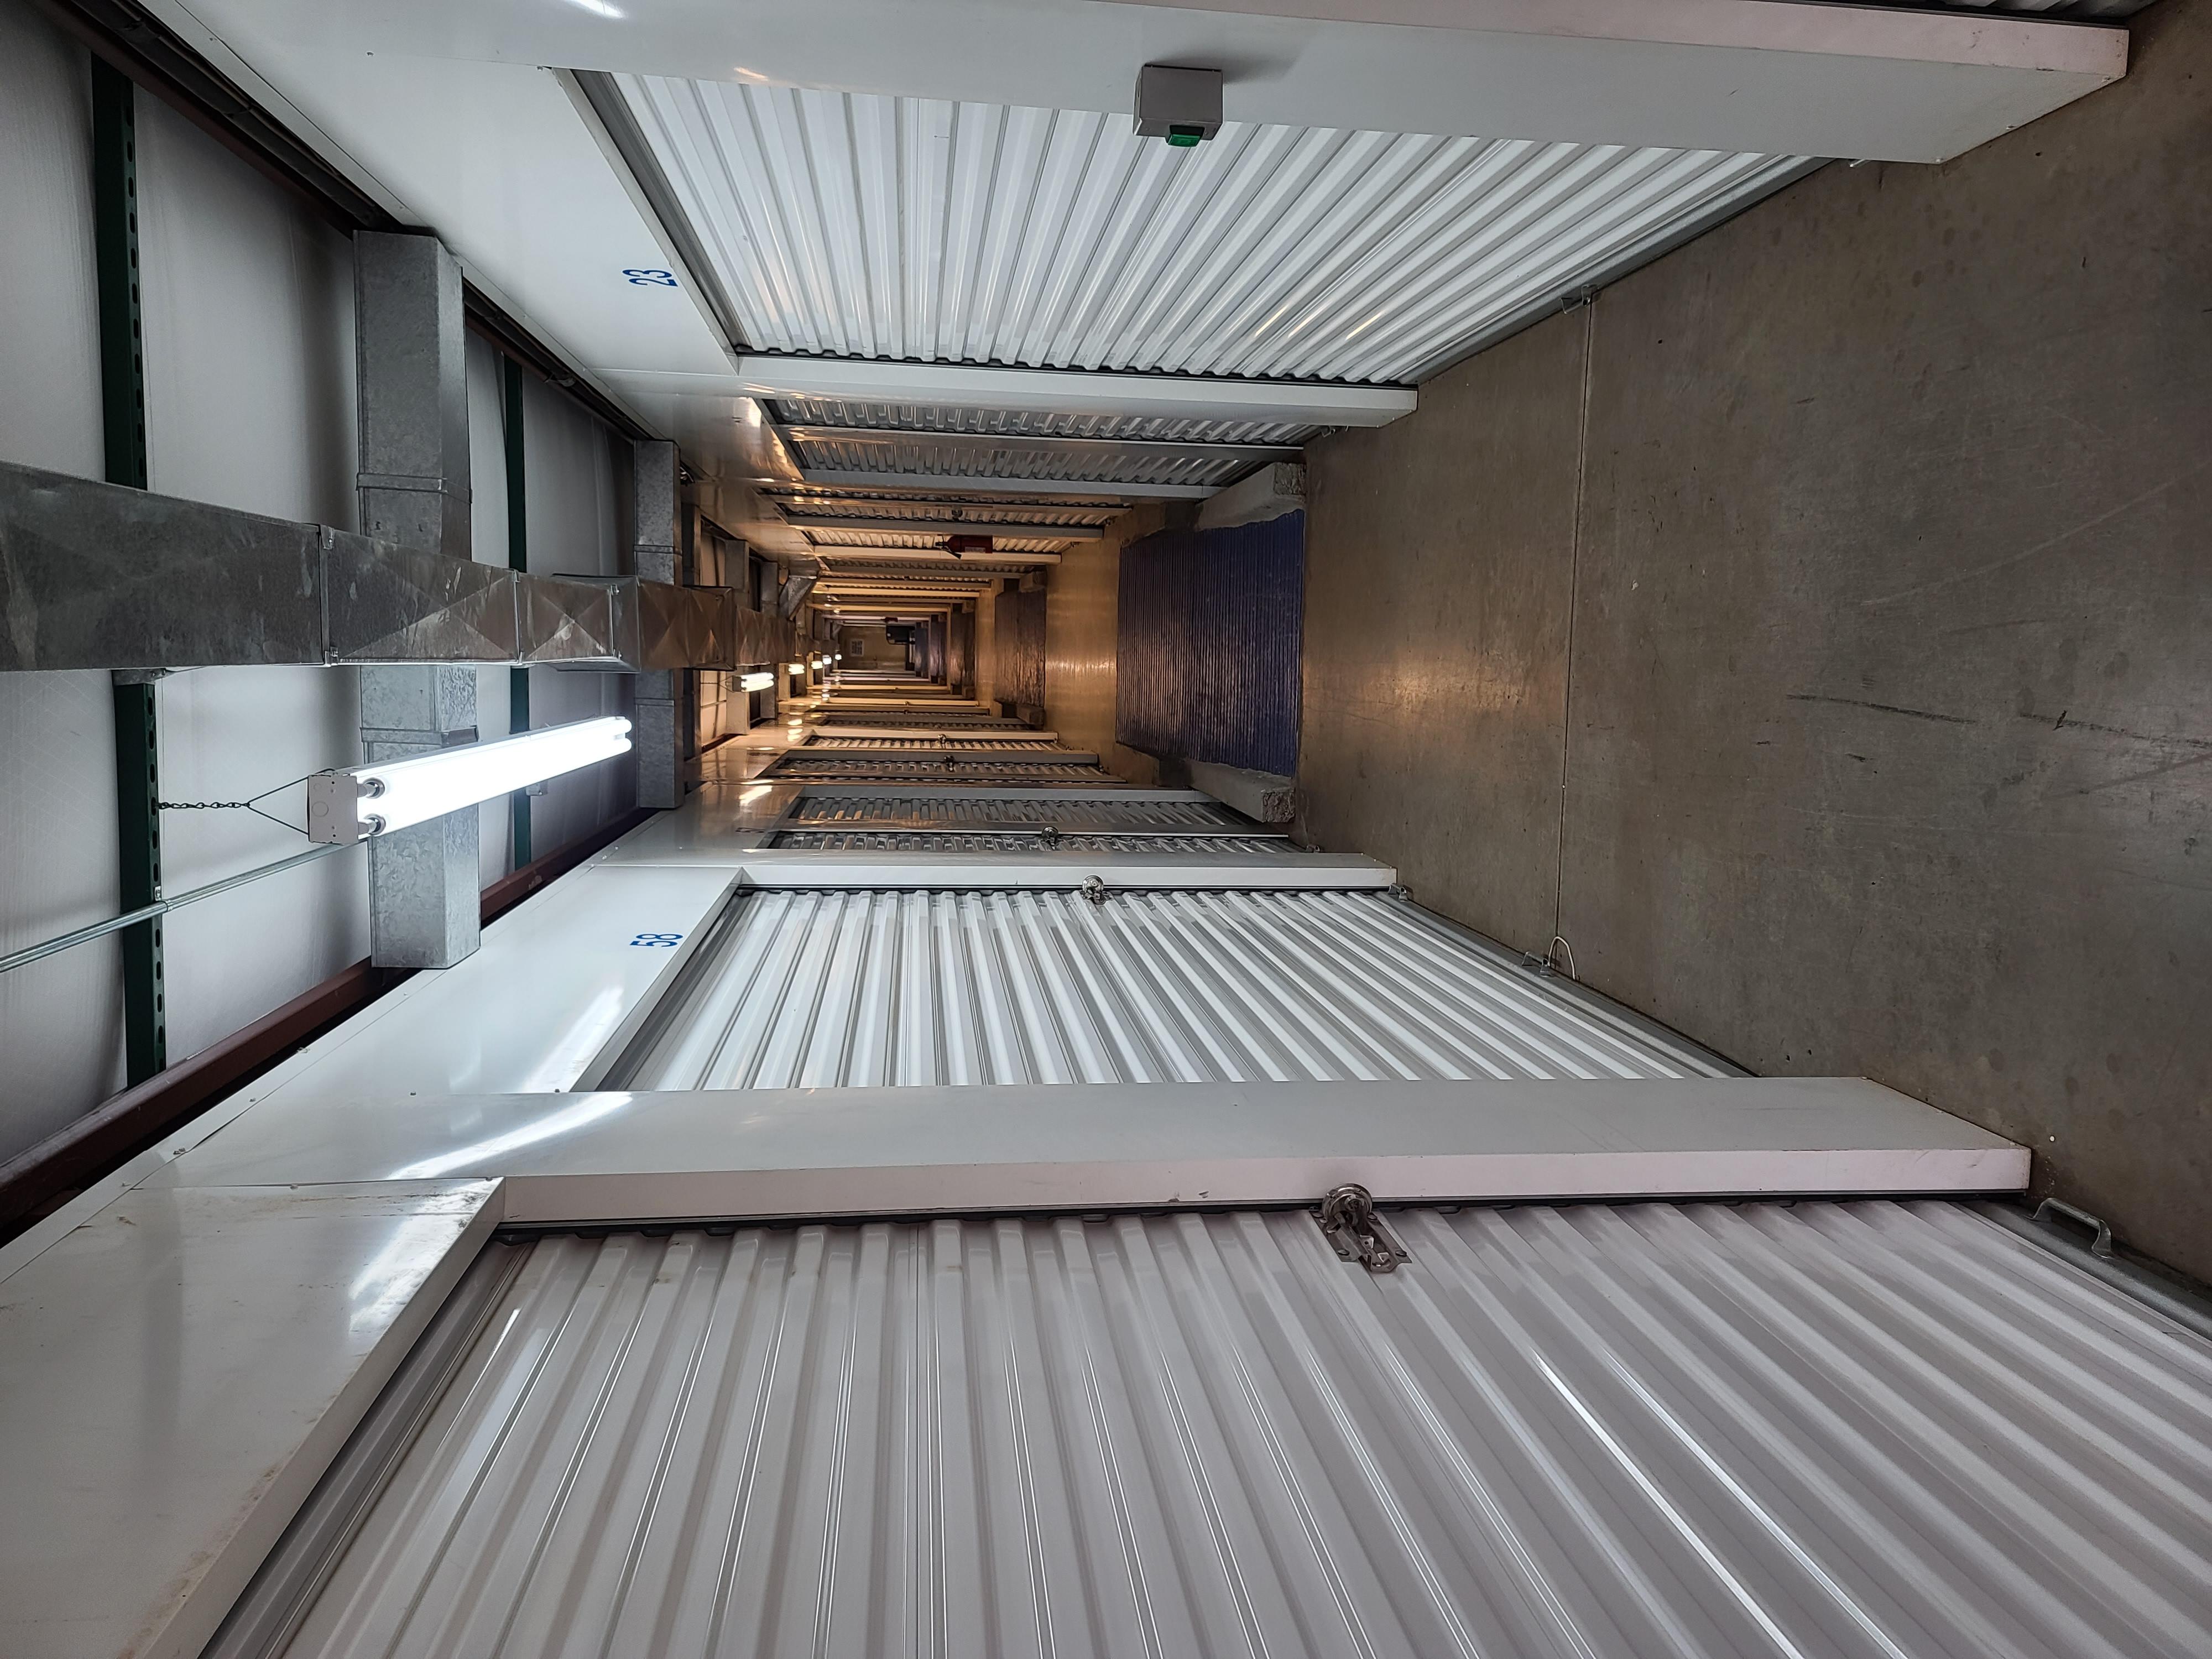 Indoor Storage in Wichita Falls, TX